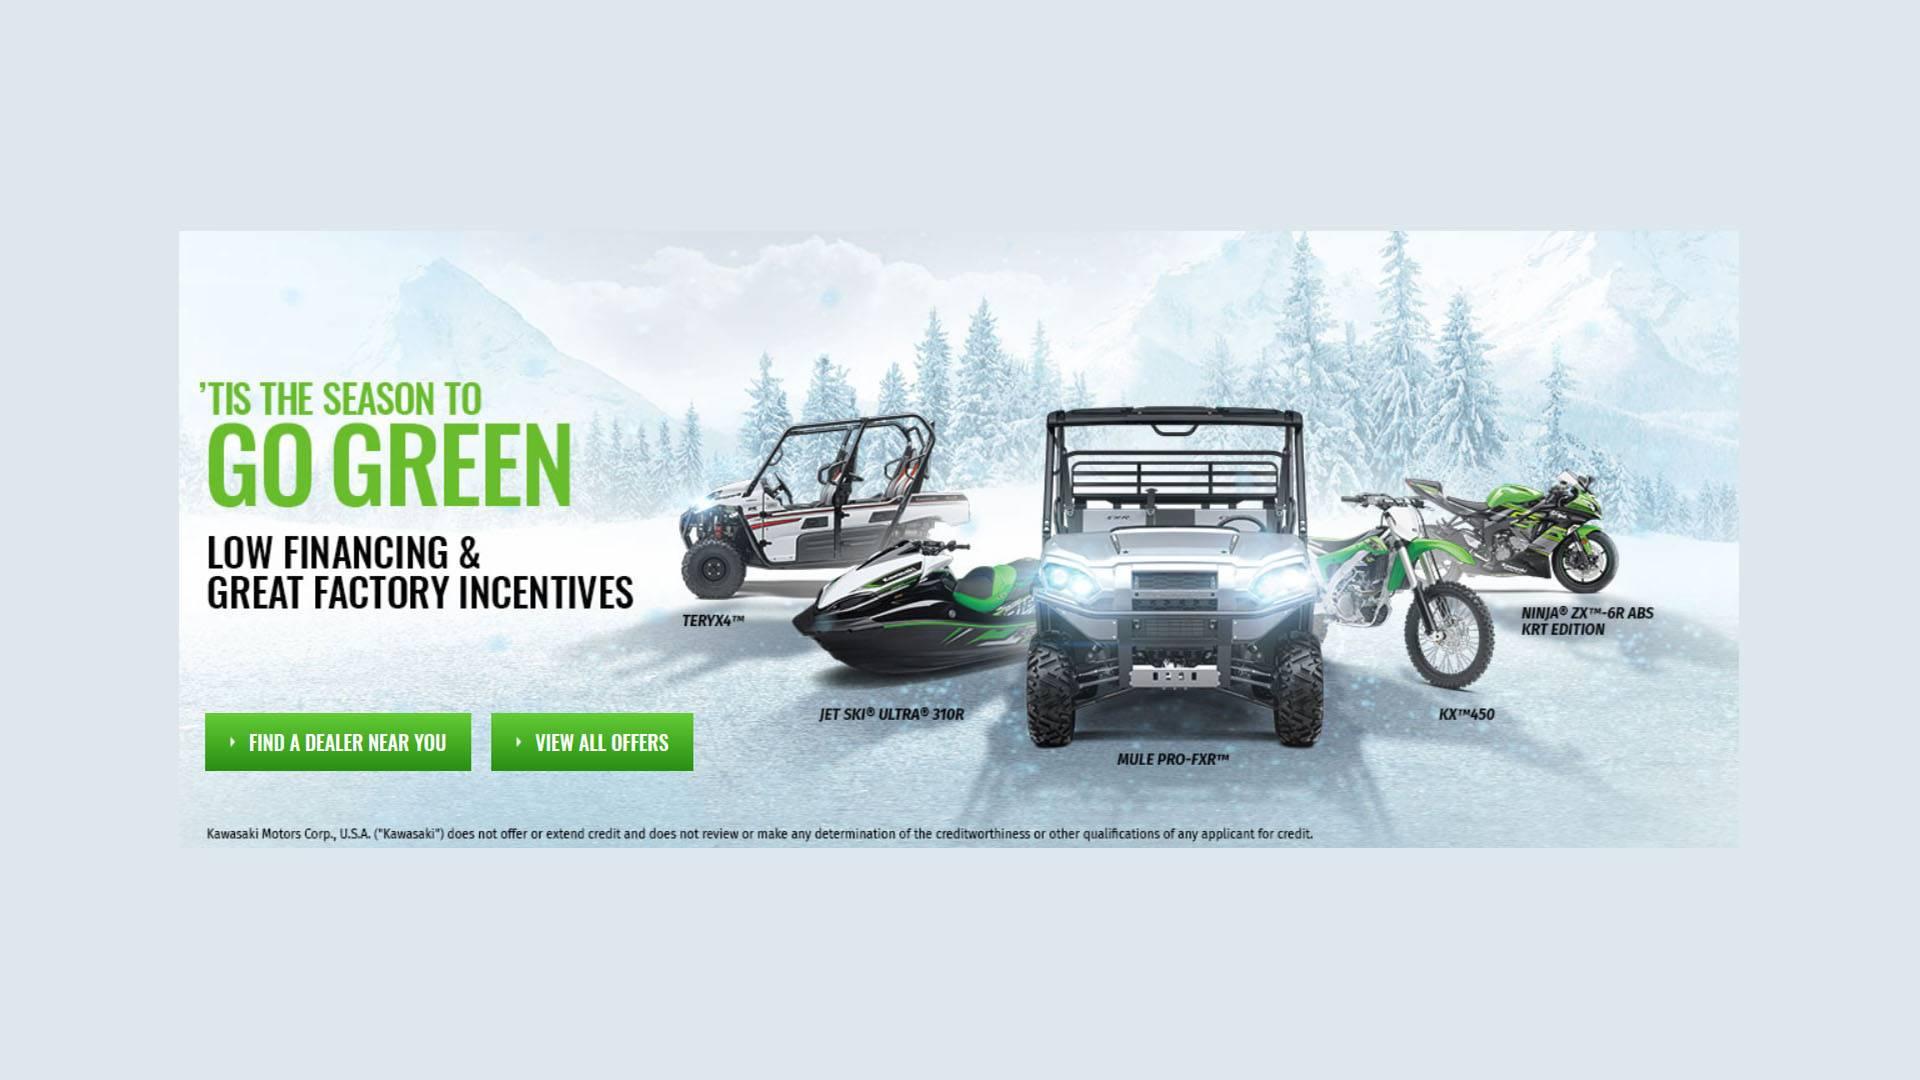 Kawasaki - 'Tis the Season to Go Green Sales Event